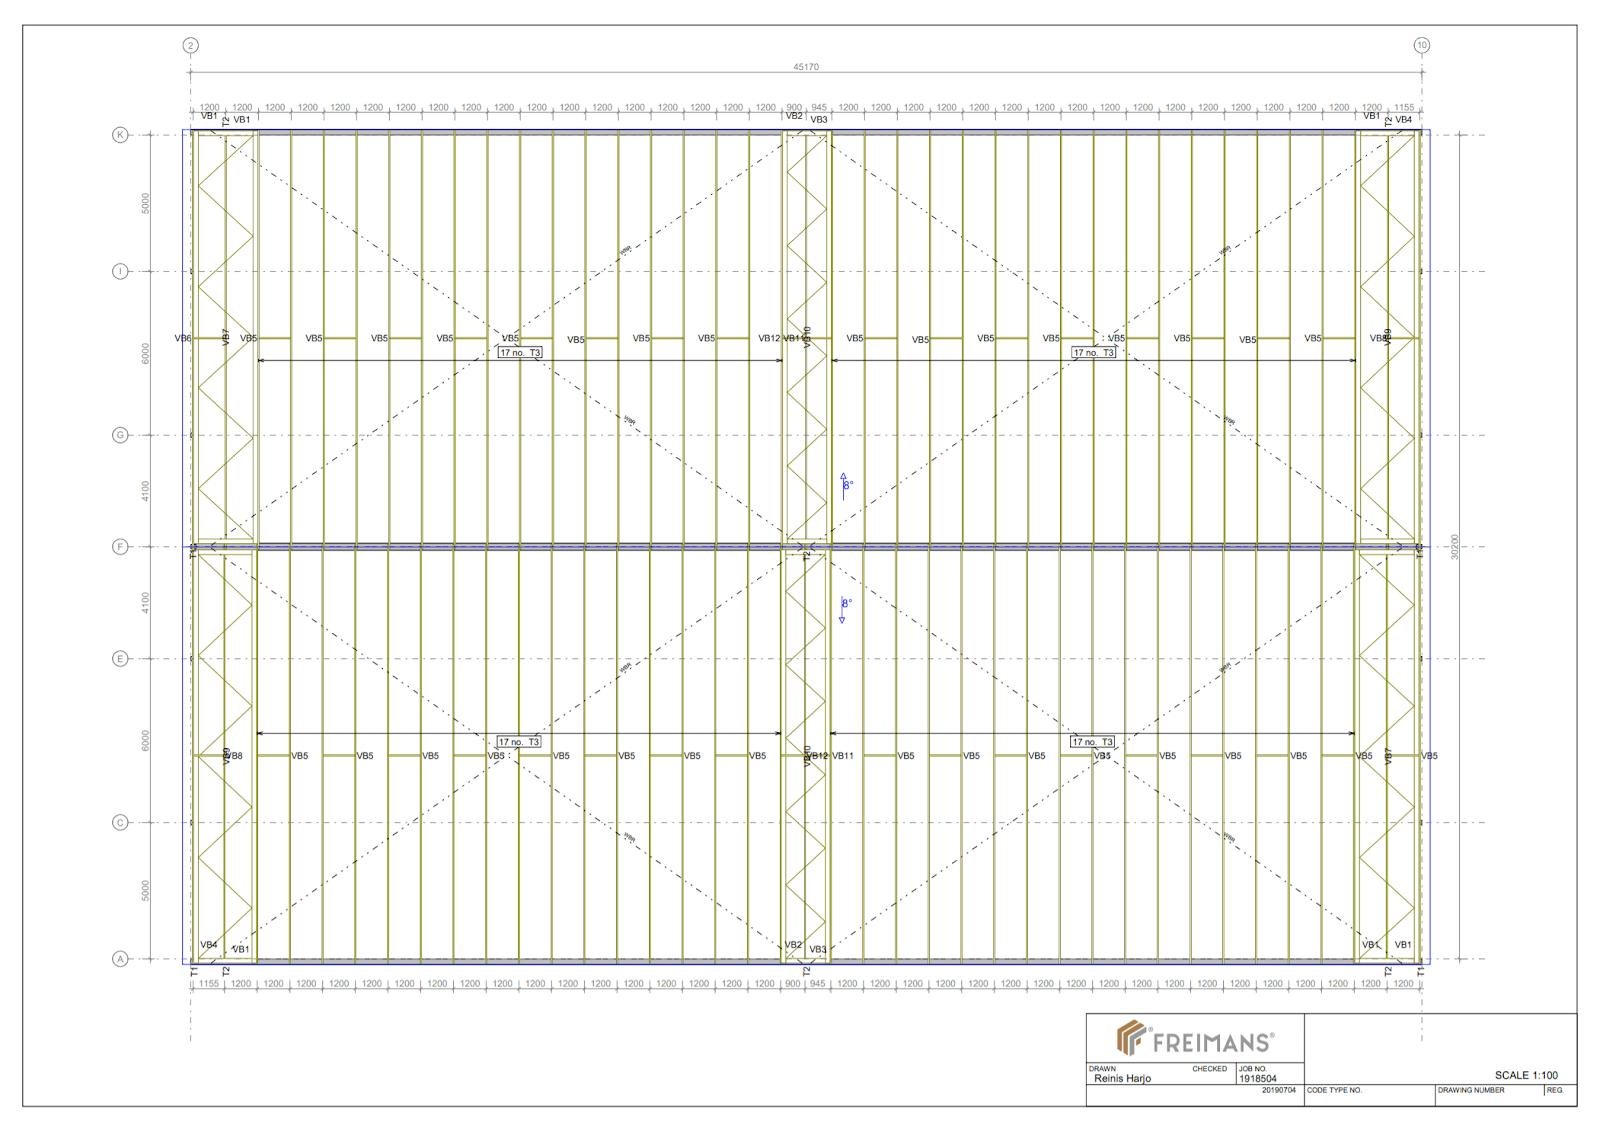 koka kopņu plāns jumta konstrukcijai lauksaimniecības ēkai